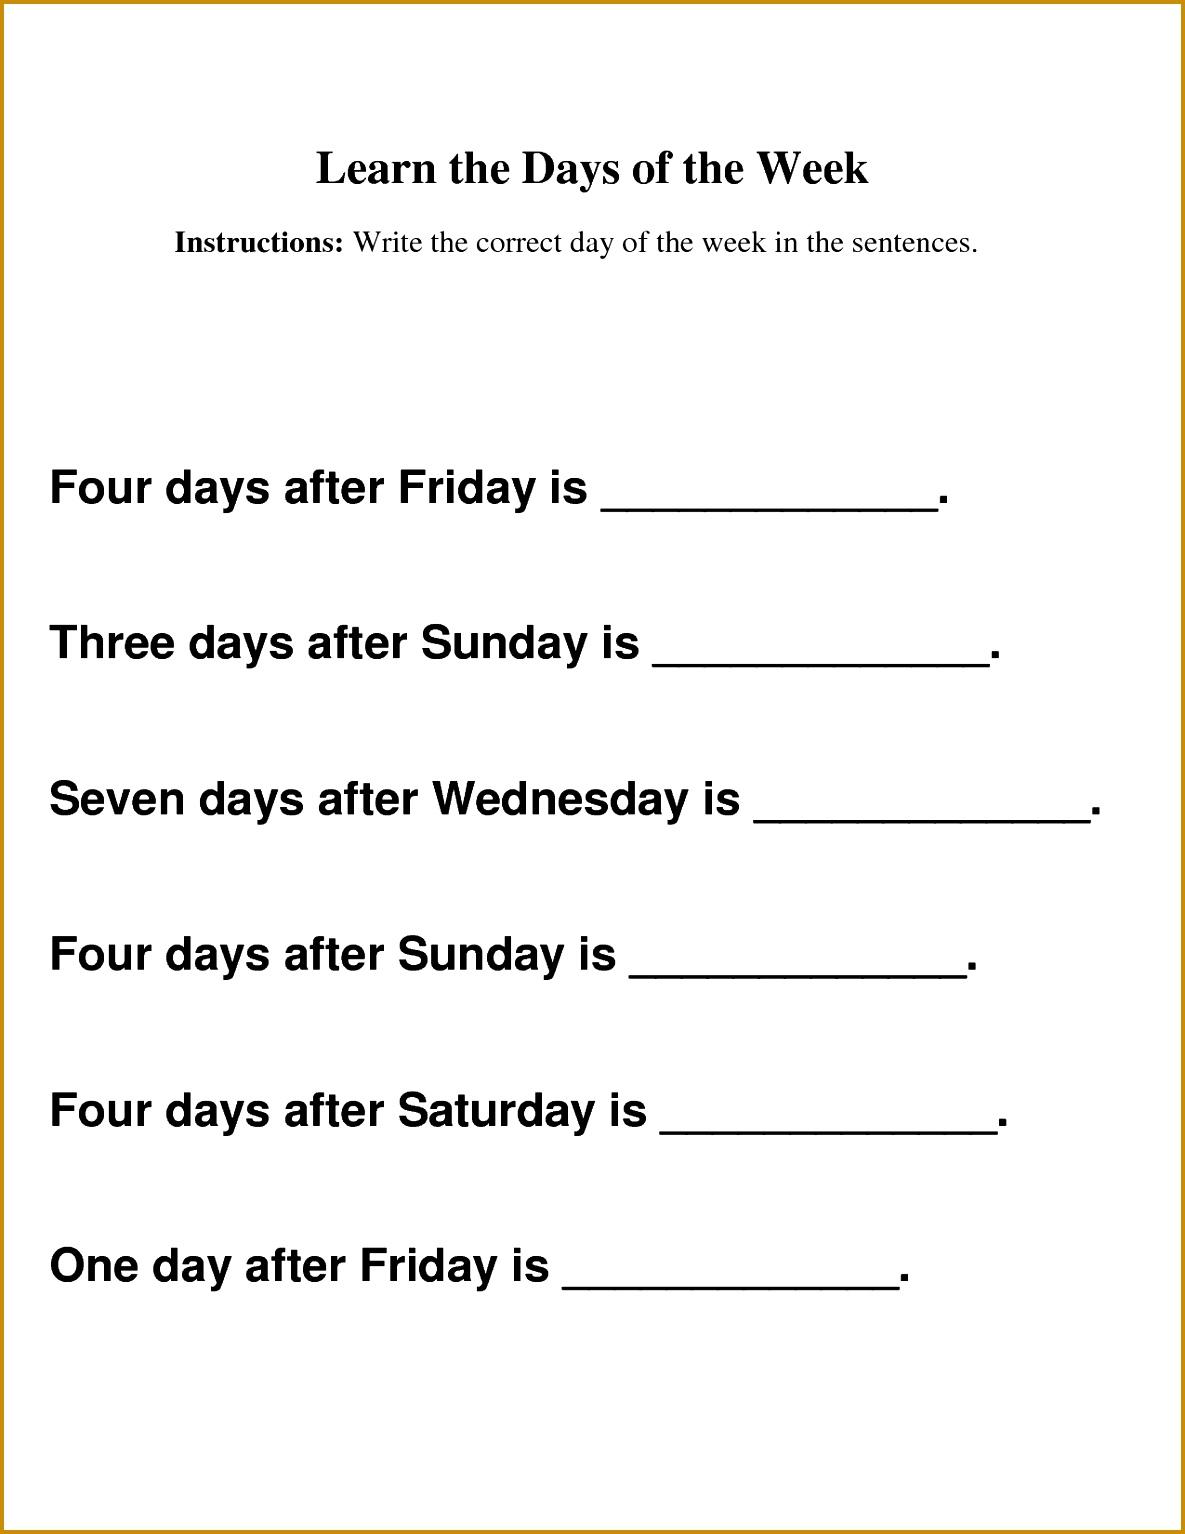 7 Printable Worksheets